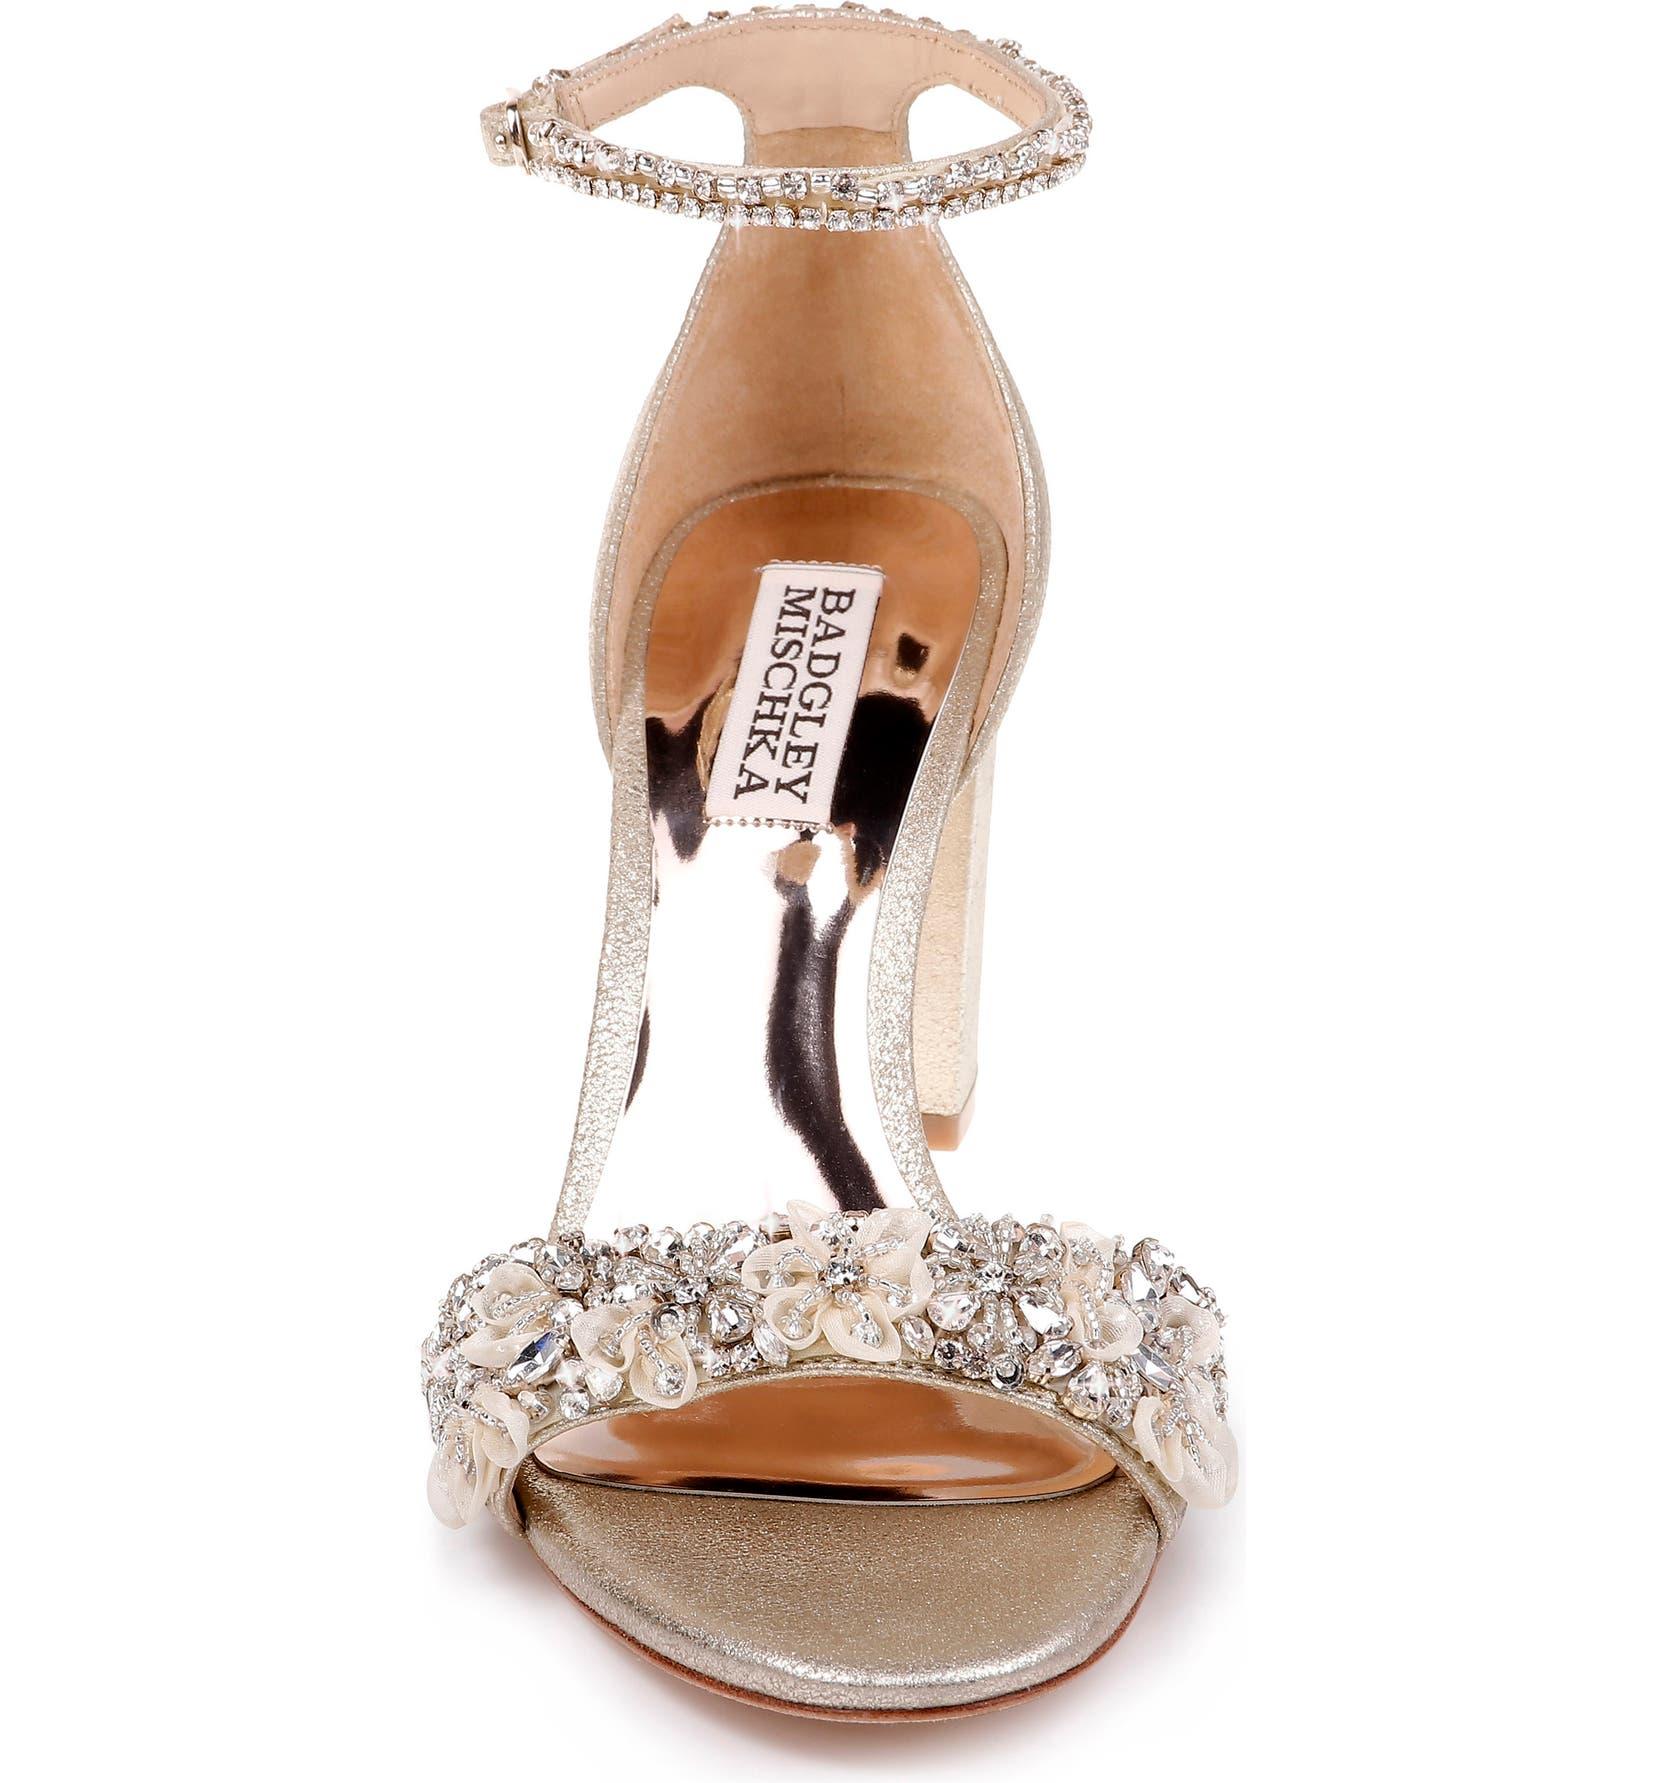 47114f45892 Badgley Mischka Finesse Embellished Ankle Strap Sandal (Women ...